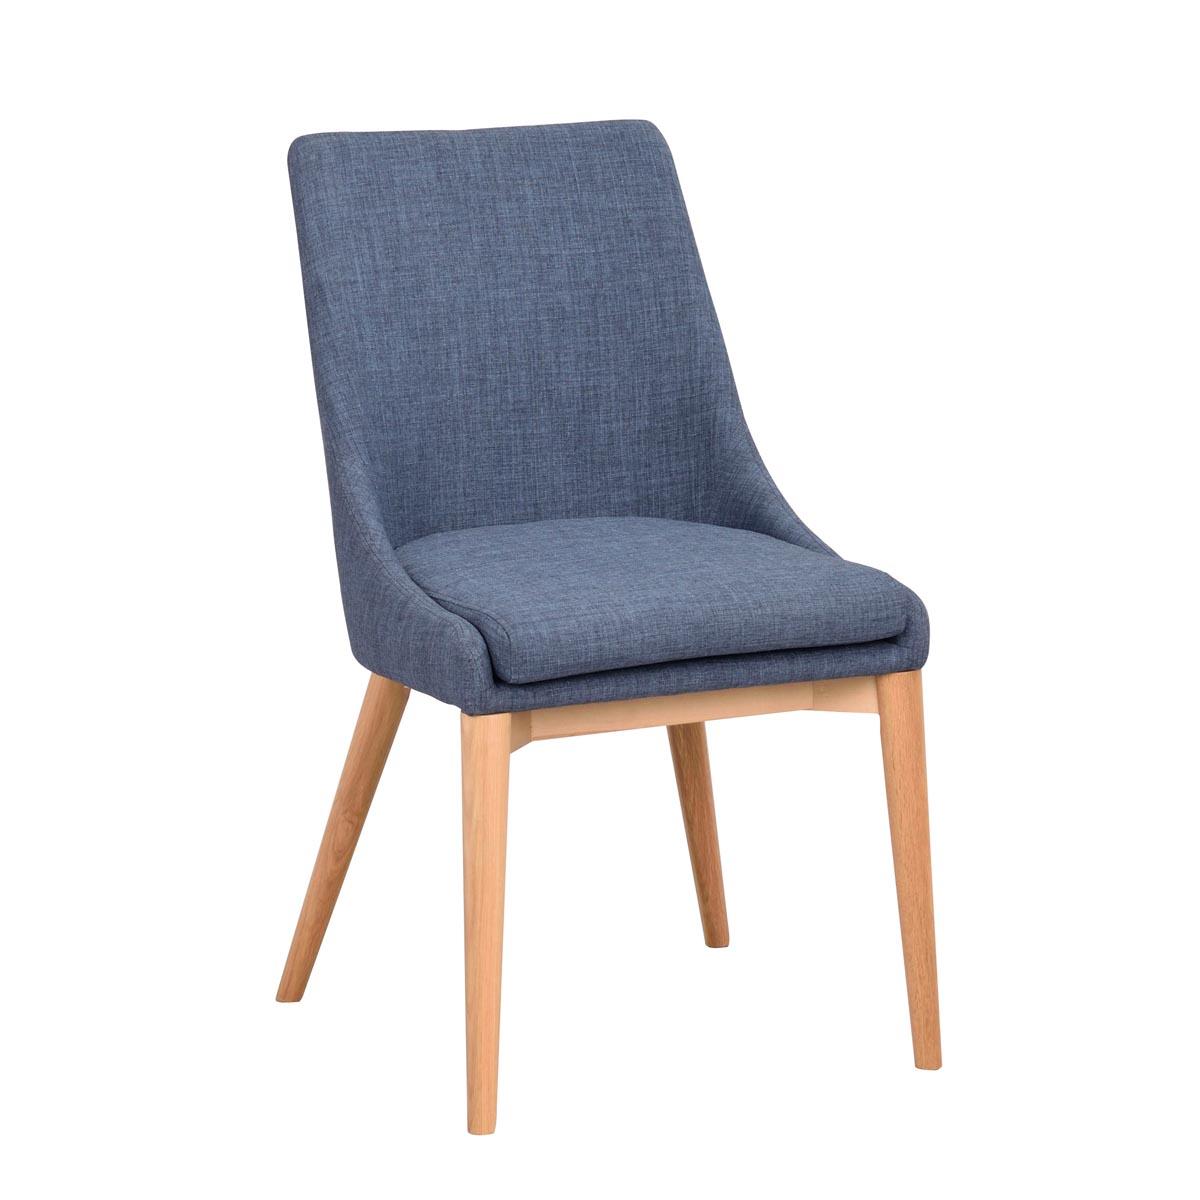 Bea-stol-blått-tyg_ekR-118316_a